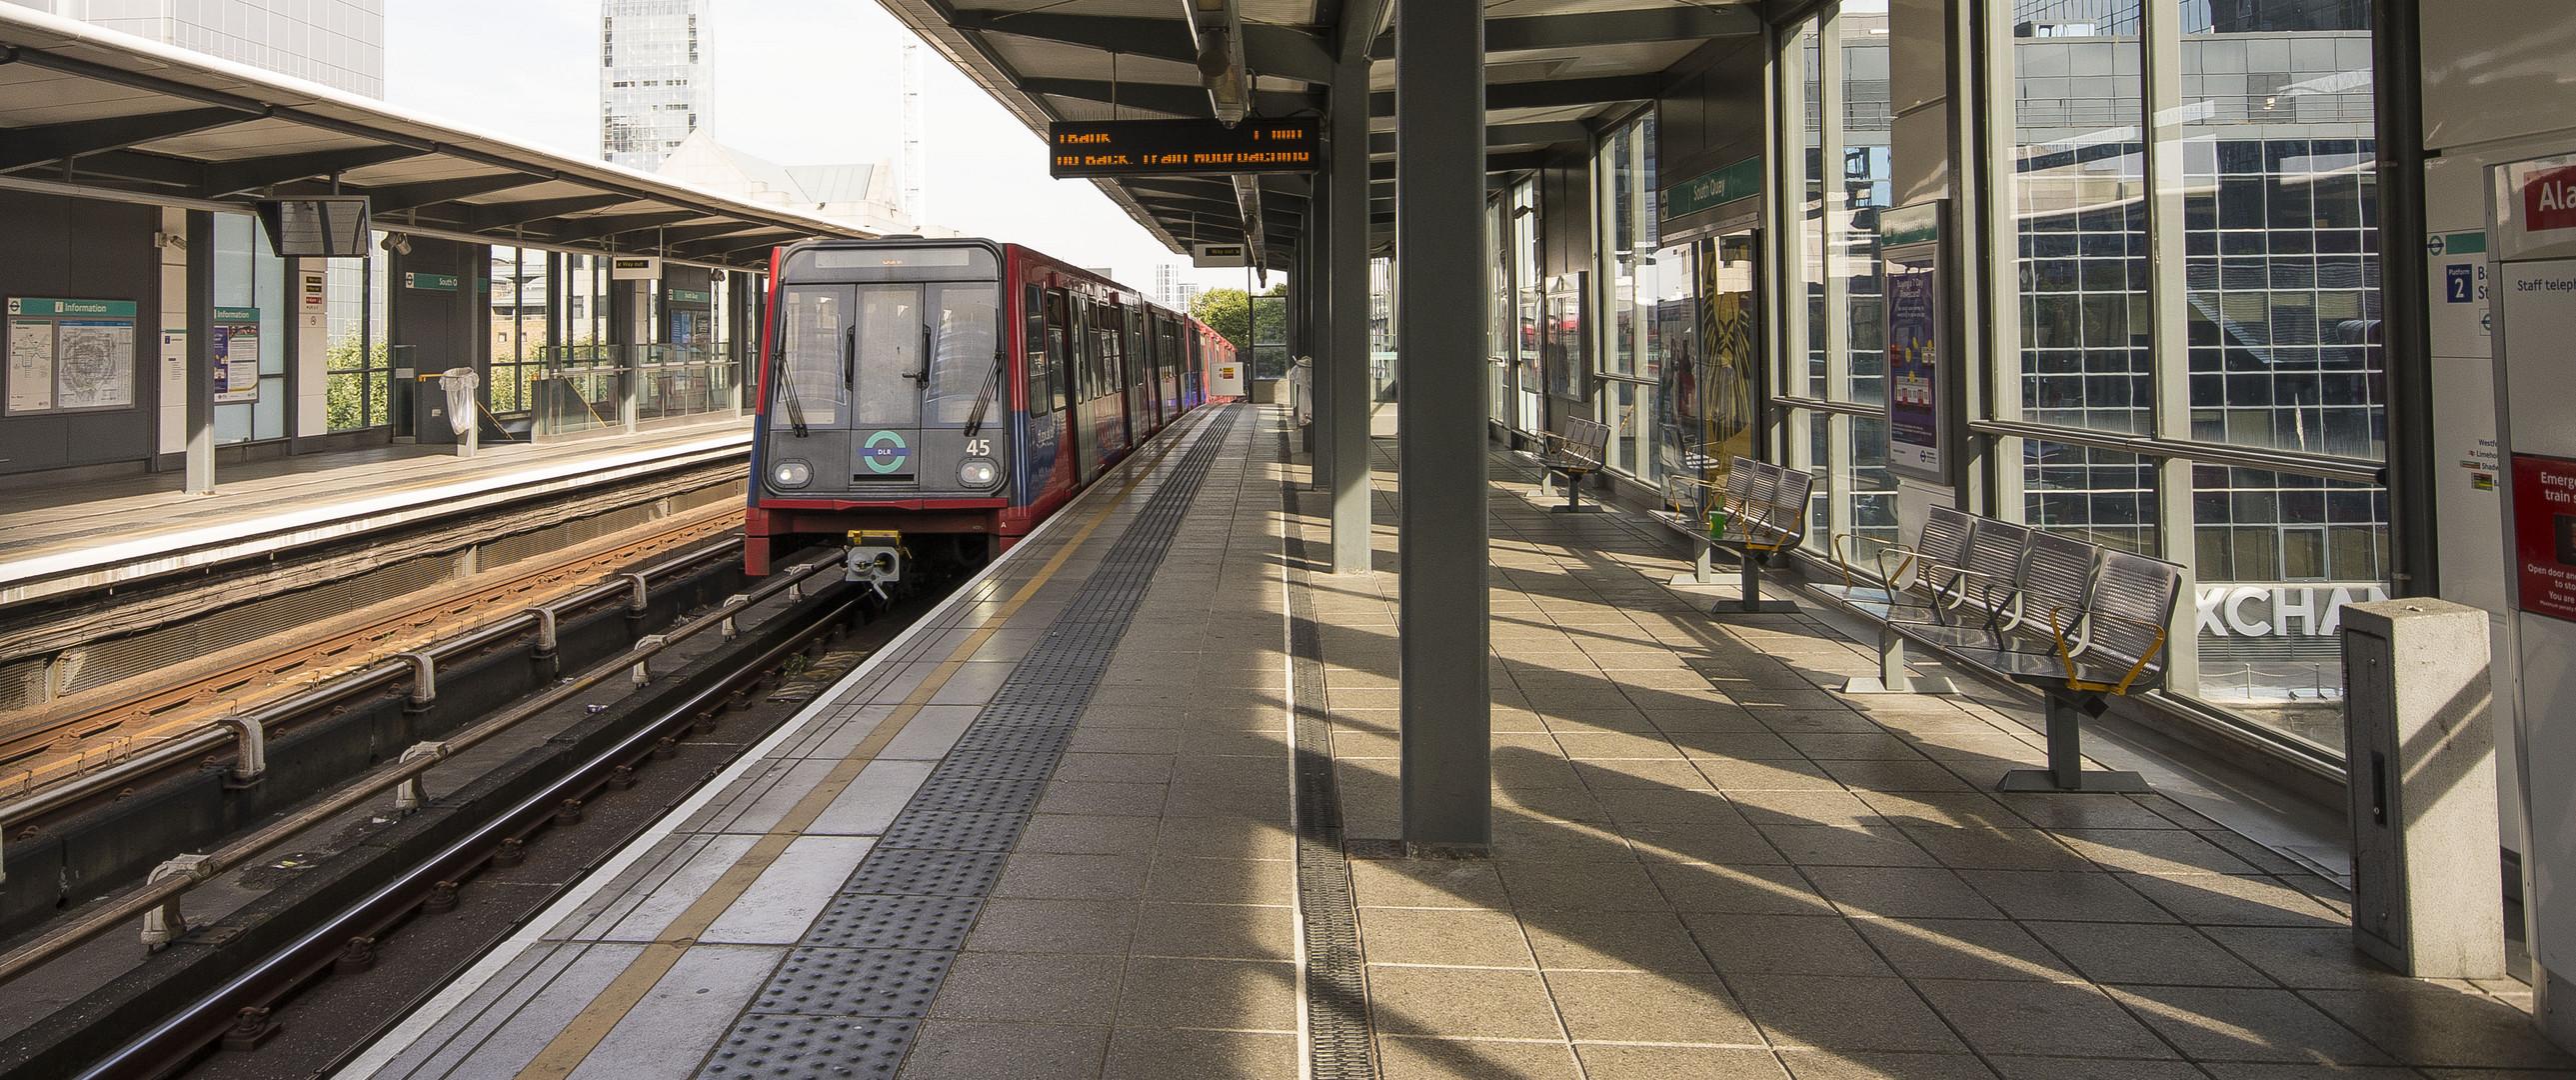 Canary Wharf - South Quai DLR Station - Dockland Light Railway